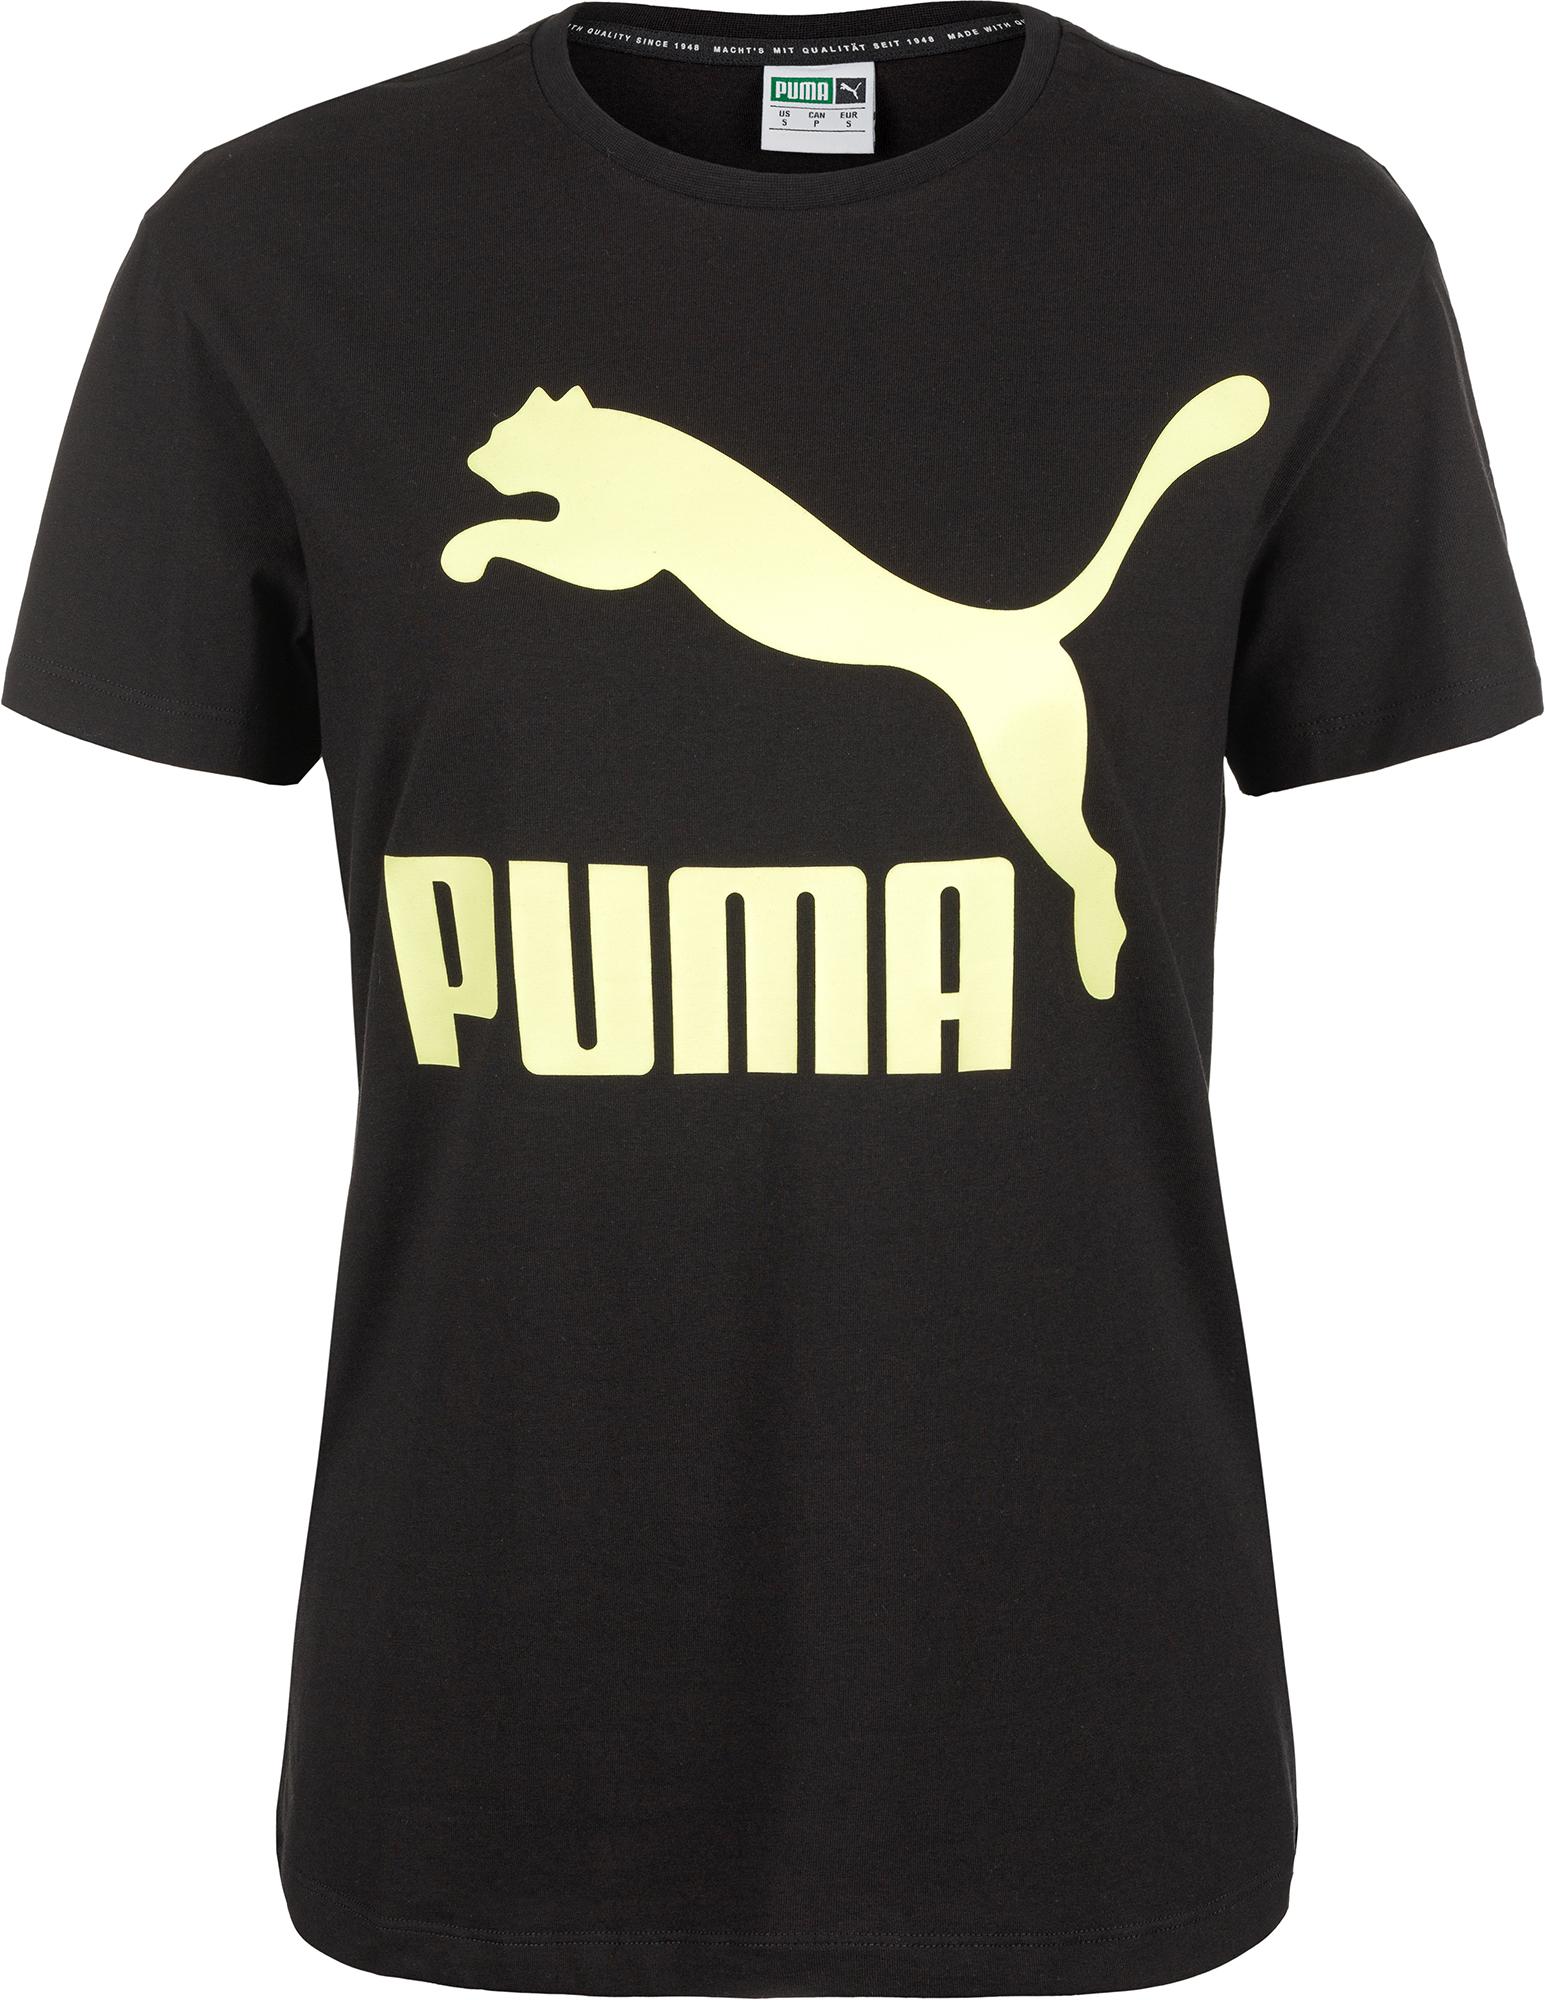 Puma Футболка женская Puma Classics Logo Tee, размер 42-44 футболка женская puma ess no 1 tee heather w цвет синий 83839920 размер s 42 44